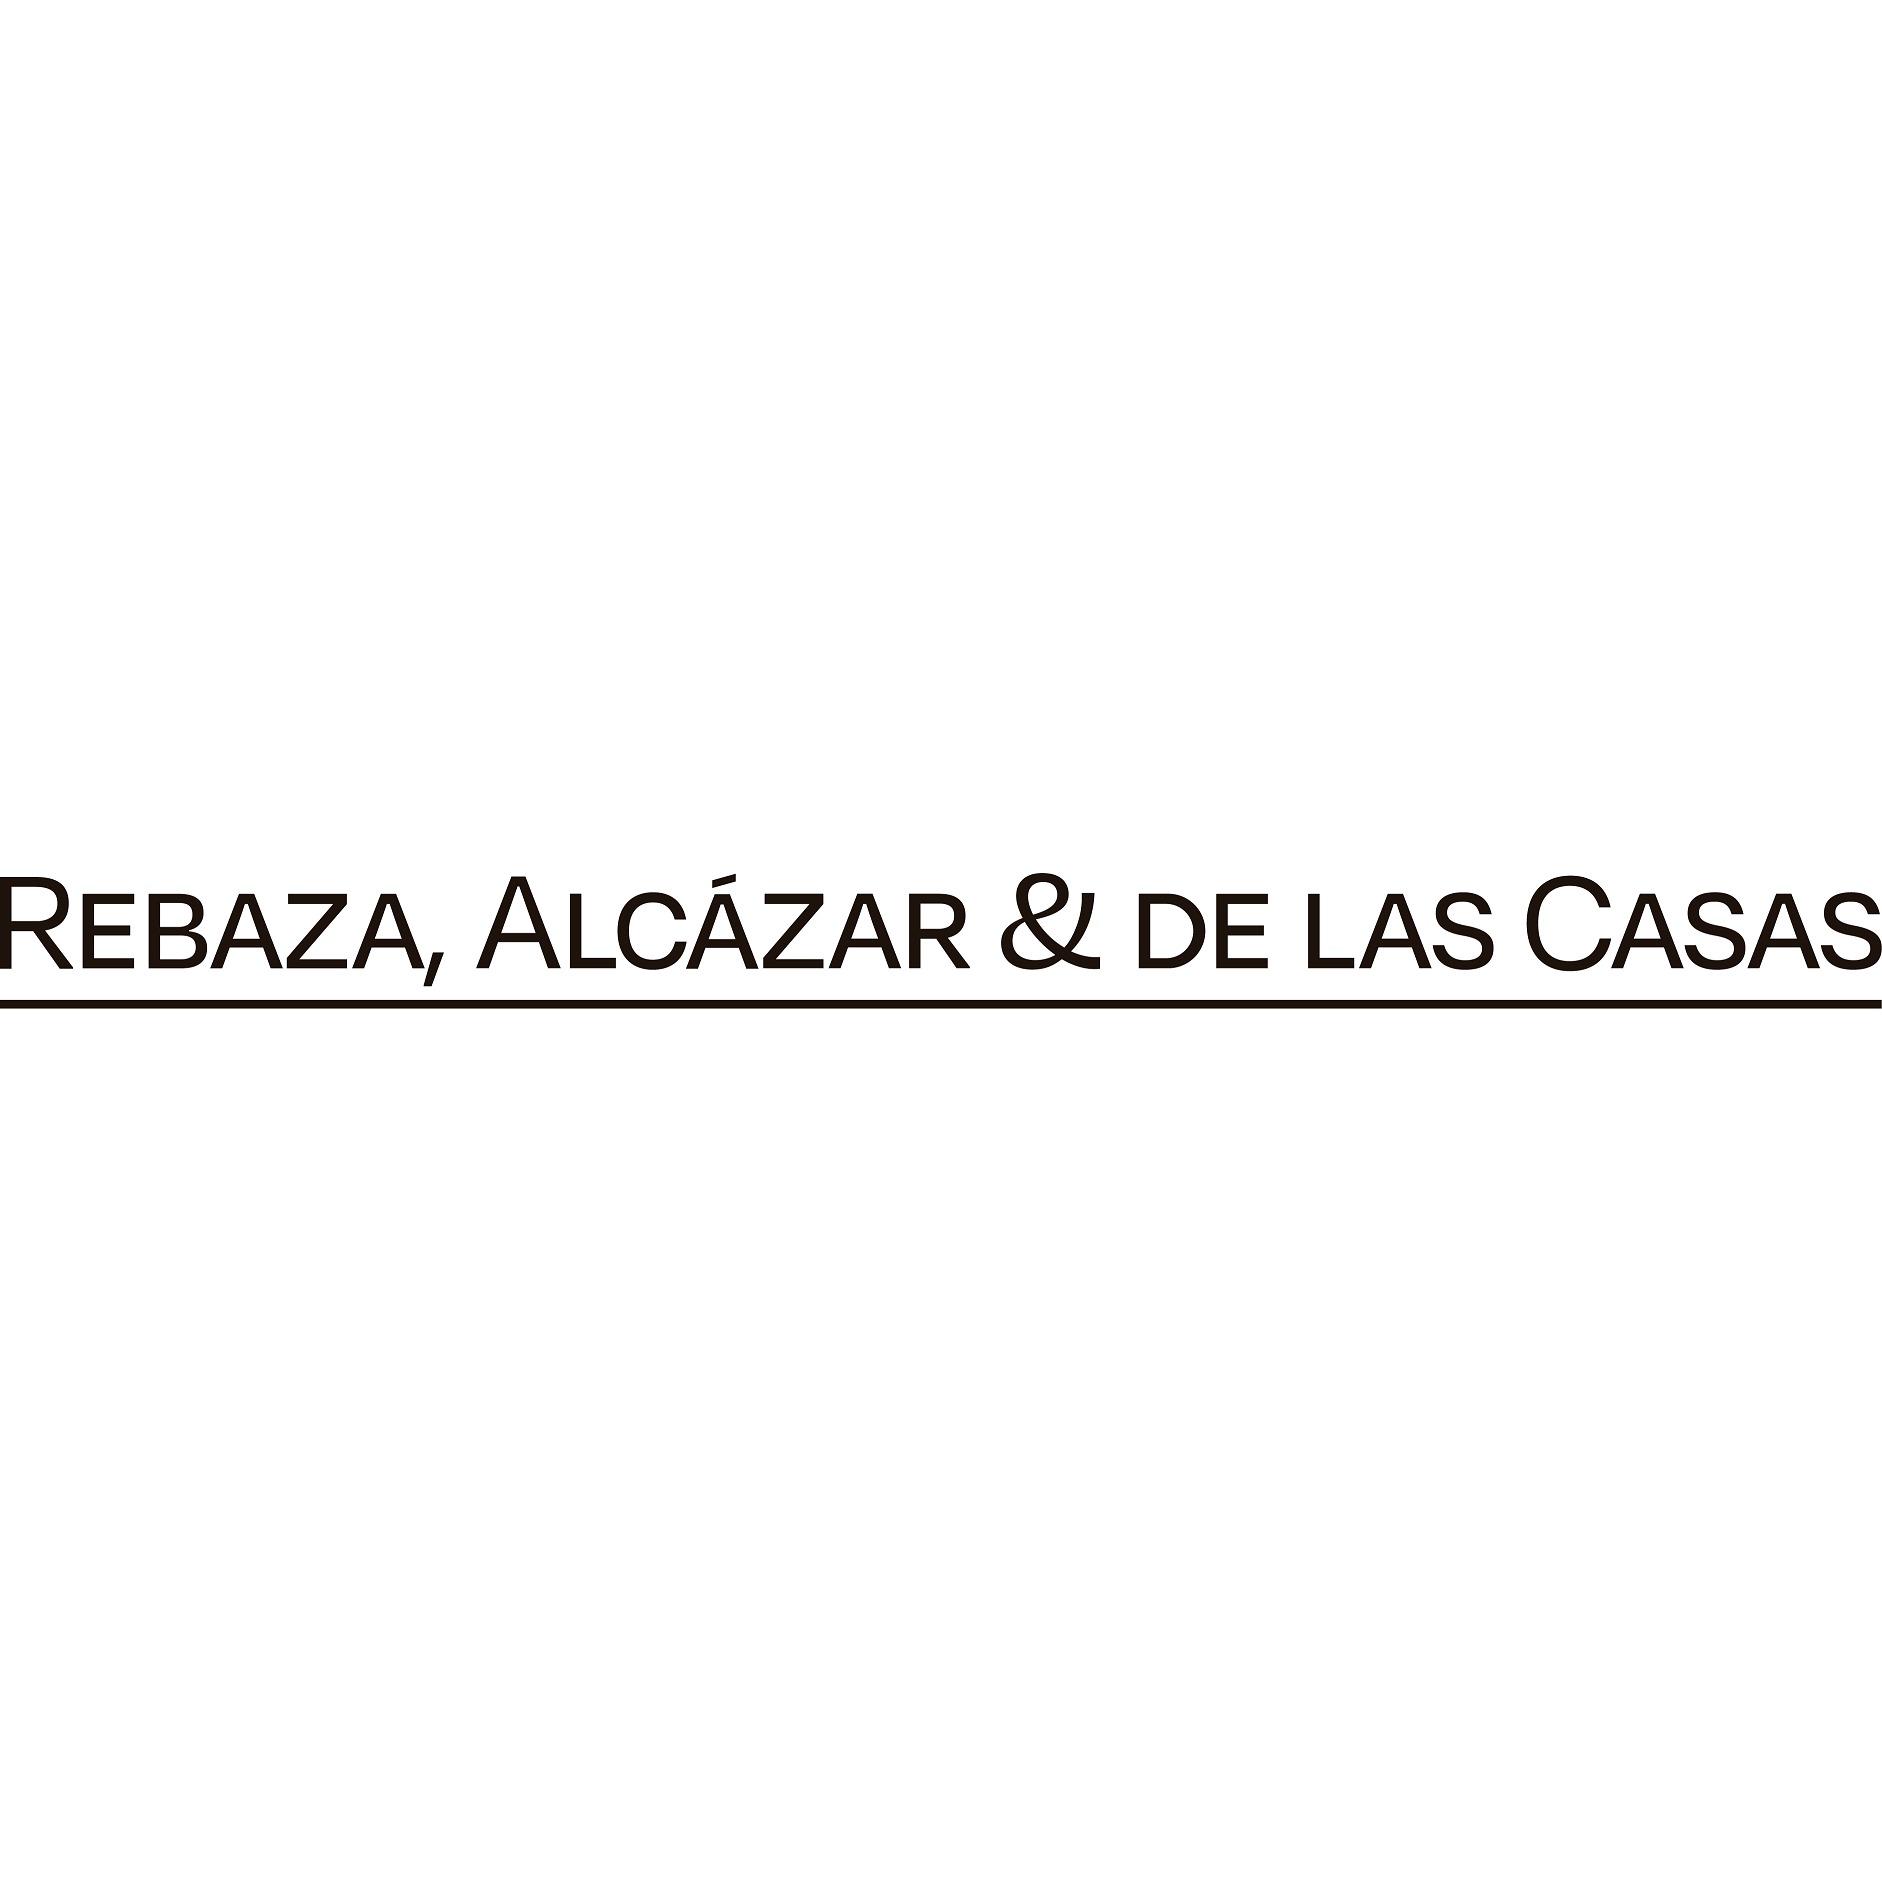 the Rebaza, Alcázar & De Las Casas logo.